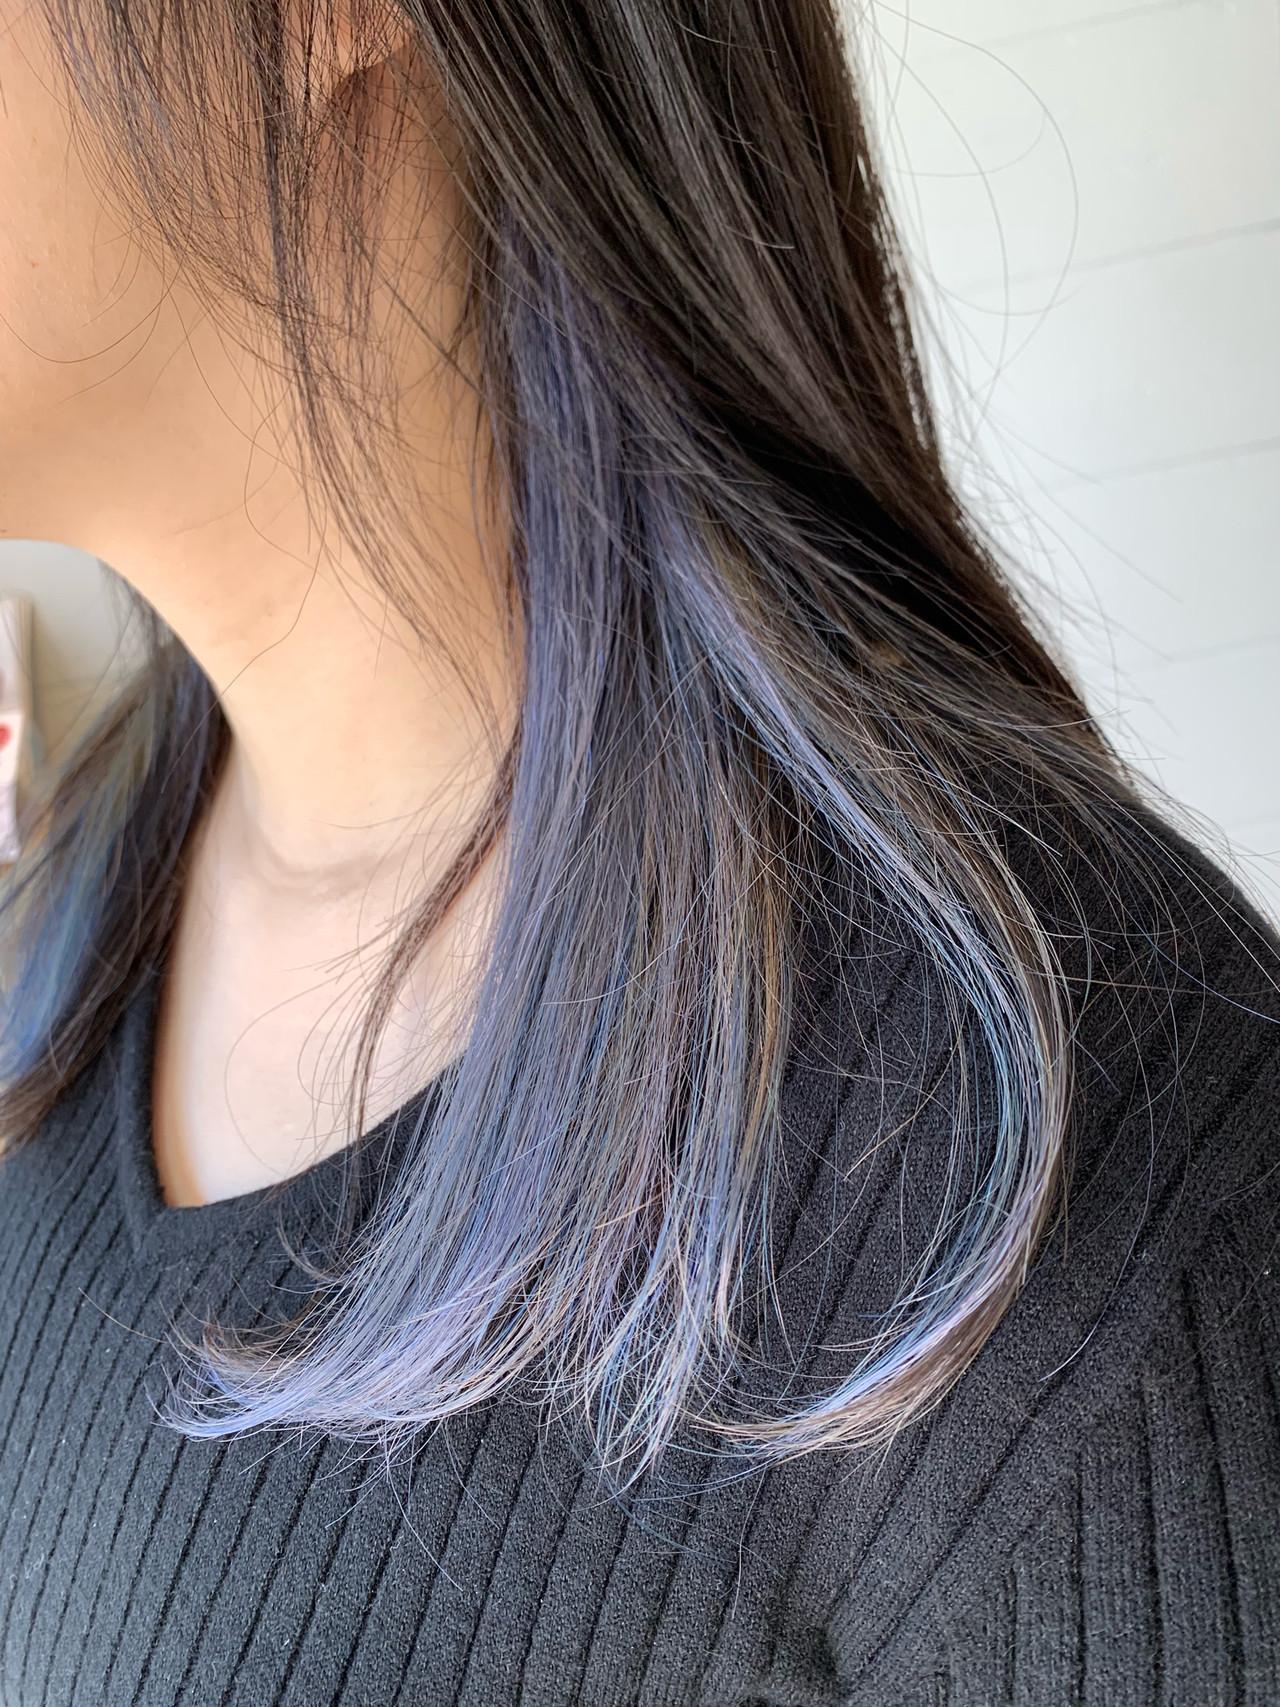 セミロング インナーカラー ブルージュ ナチュラル ヘアスタイルや髪型の写真・画像